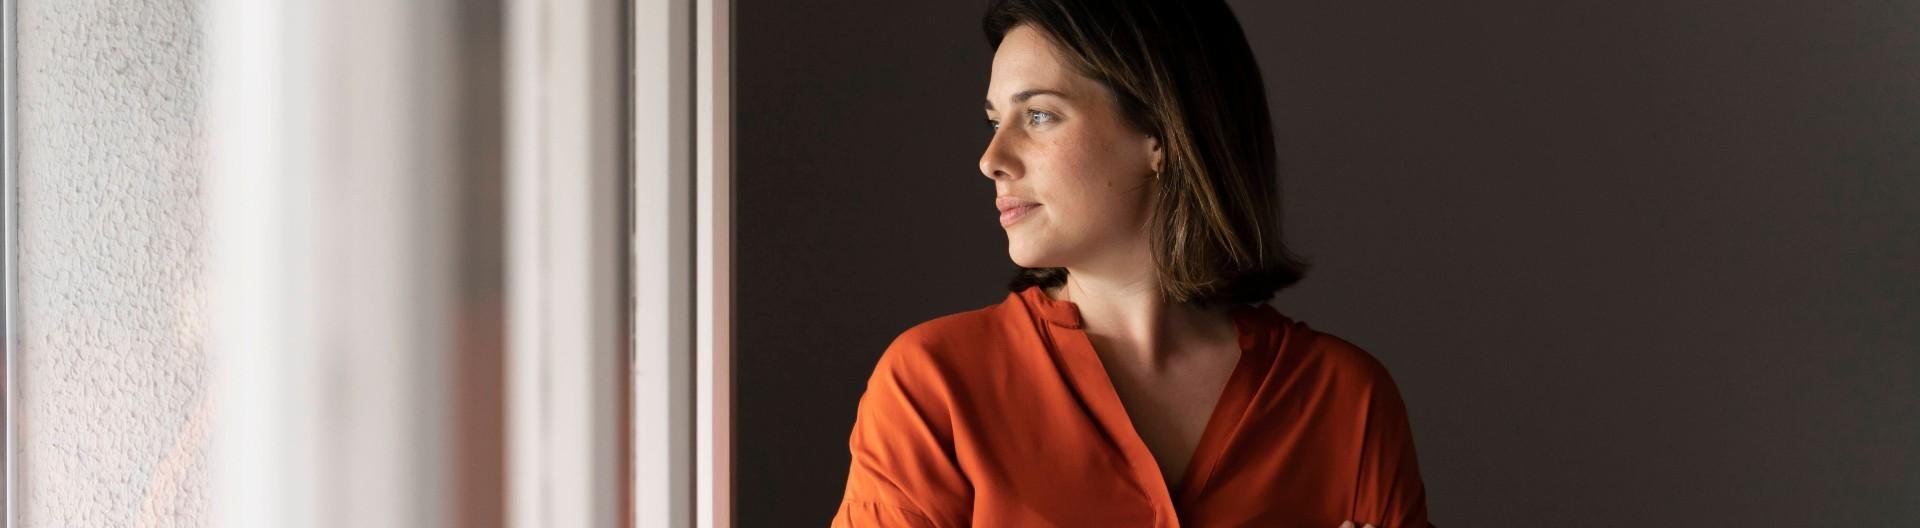 Junge Frau schaut nachdenklich aus dem Fenster.